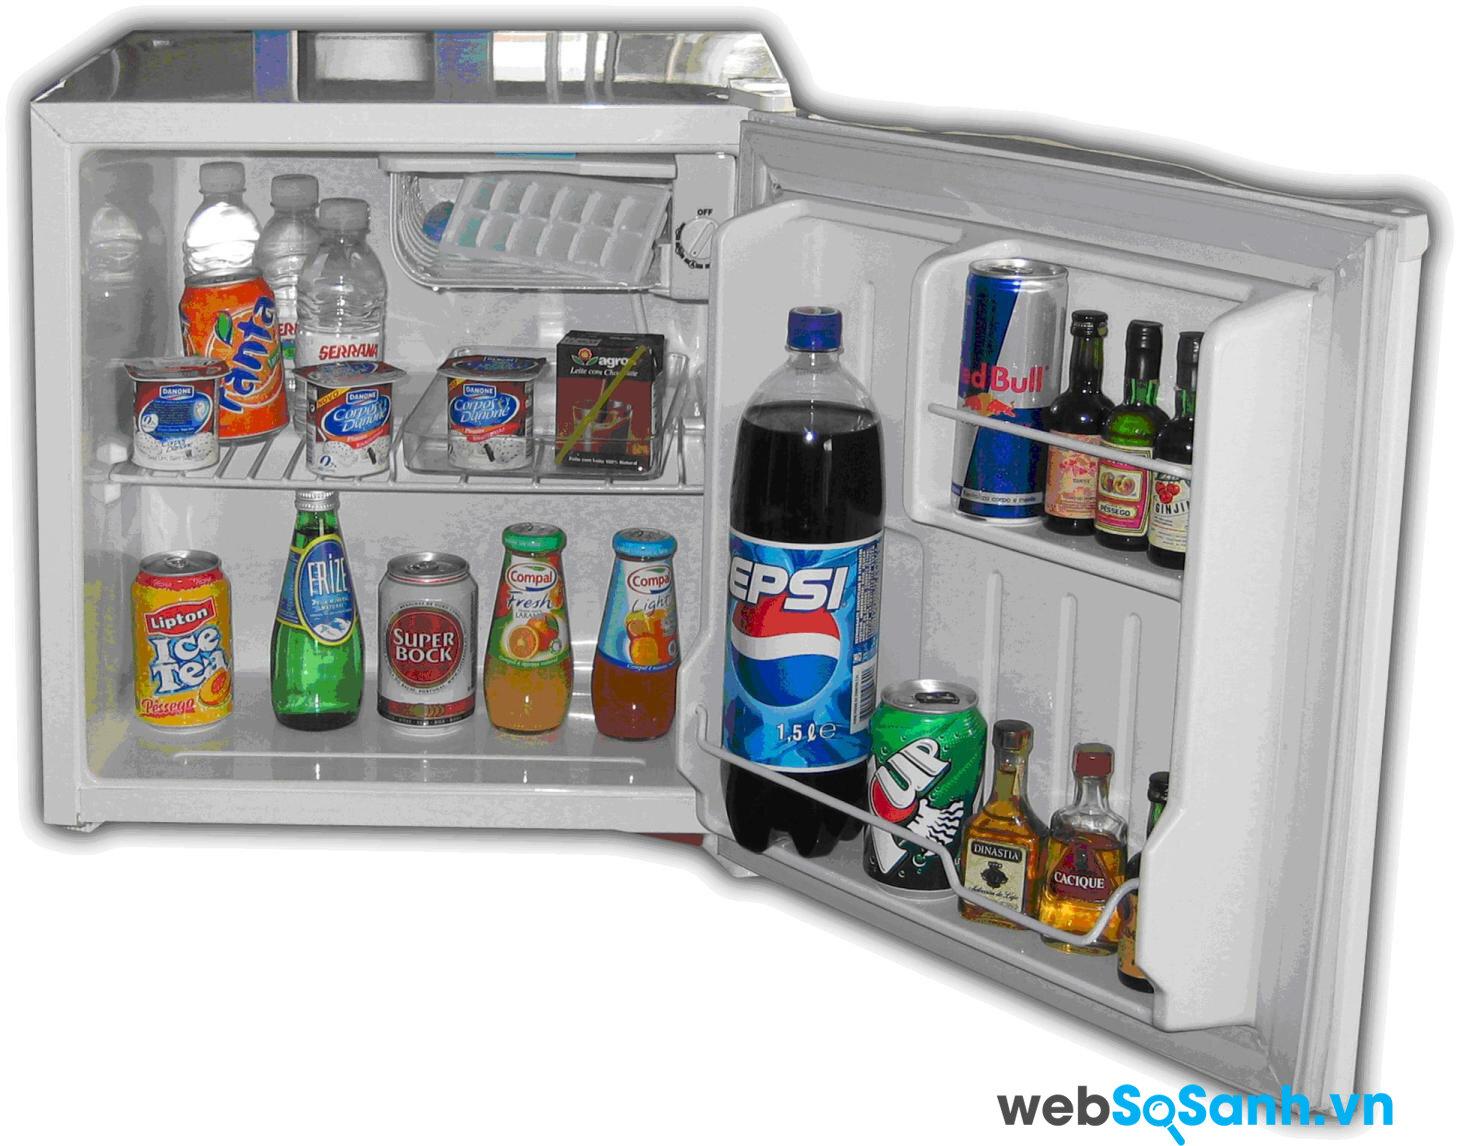 Nếu bạn ở một mình thì loại tủ lạnh Mini khá phù hợp